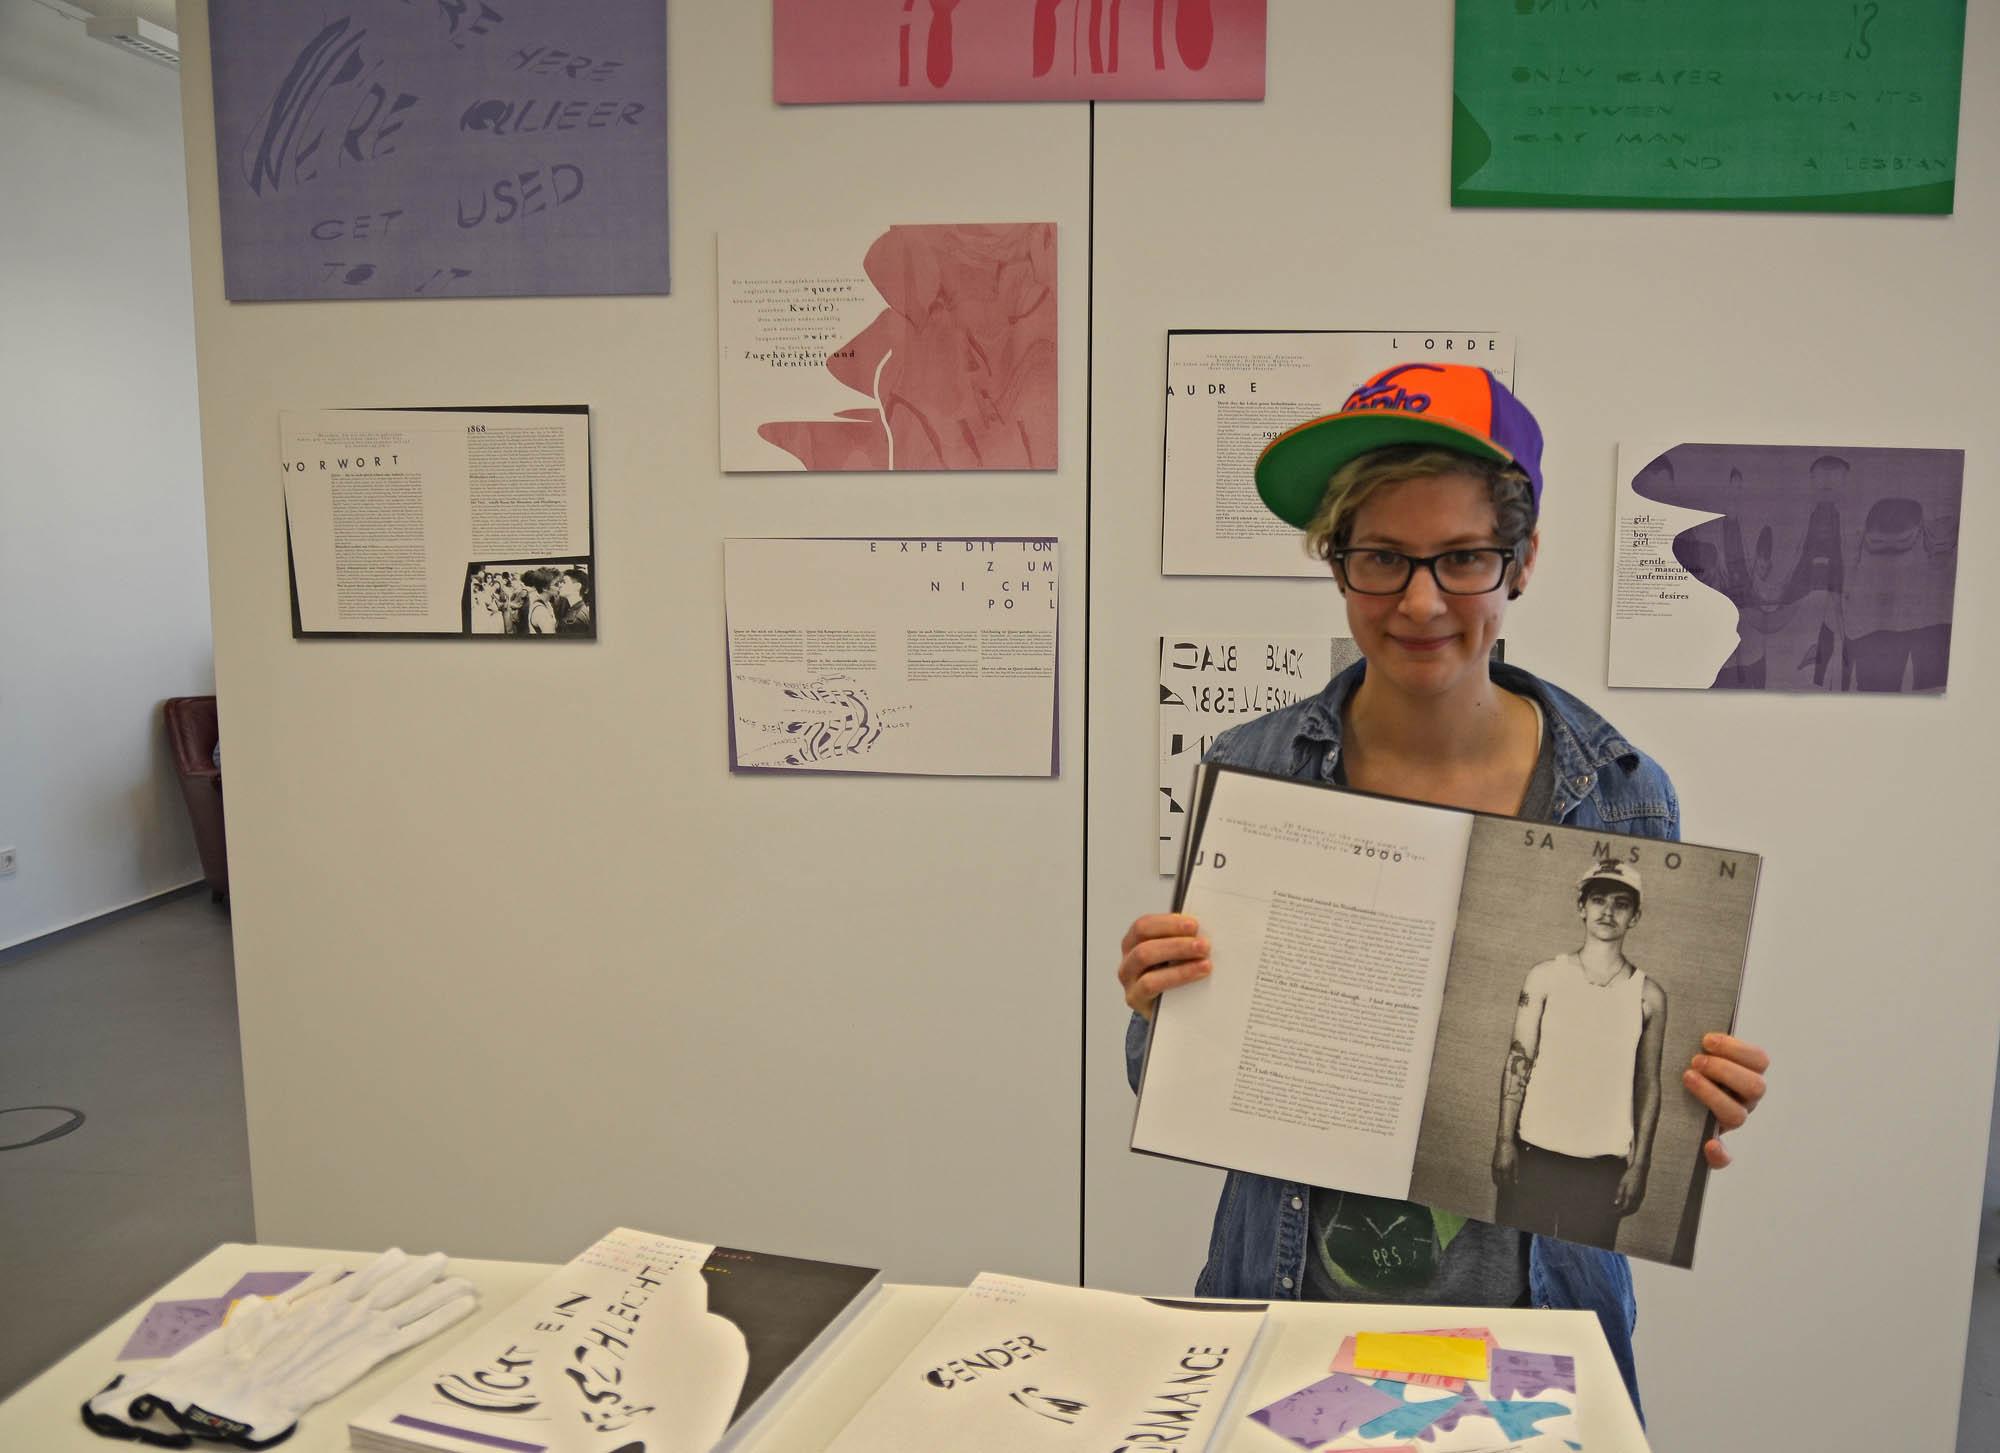 Störrisch: So nennt Marie-Christina Latsch die Typografie, die sie für ihr Buch über Menschen mit einem Lebenskonzept außerhalb der gesellschaftlichen Geschlechternormen gewählt hat.